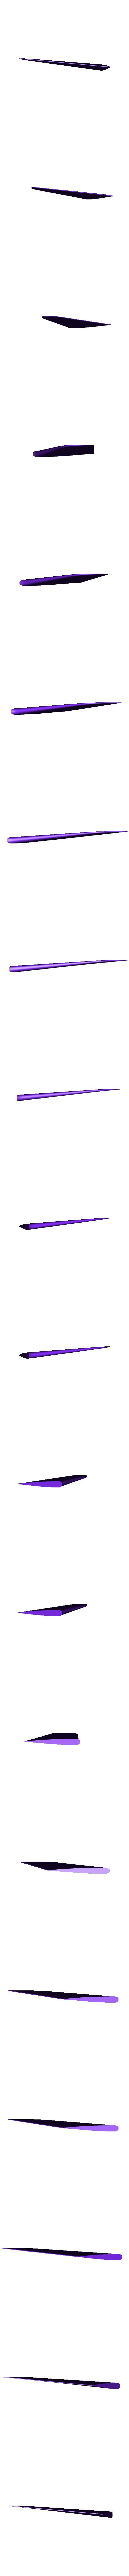 elevator.STL Télécharger fichier STL gratuit Airbus A350 XWB Lufthansa Airliner Sacle 1/100 • Design pour imprimante 3D, BeneHill